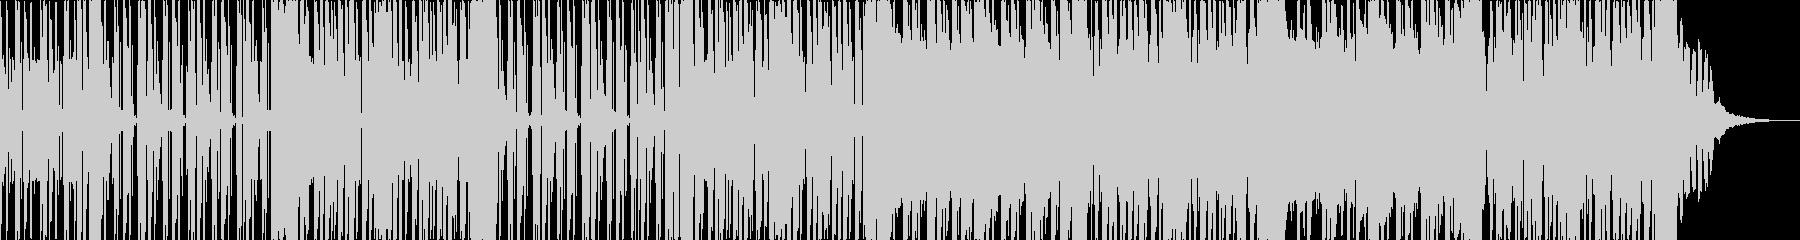 ラップバトル フリースタイル用音源の未再生の波形